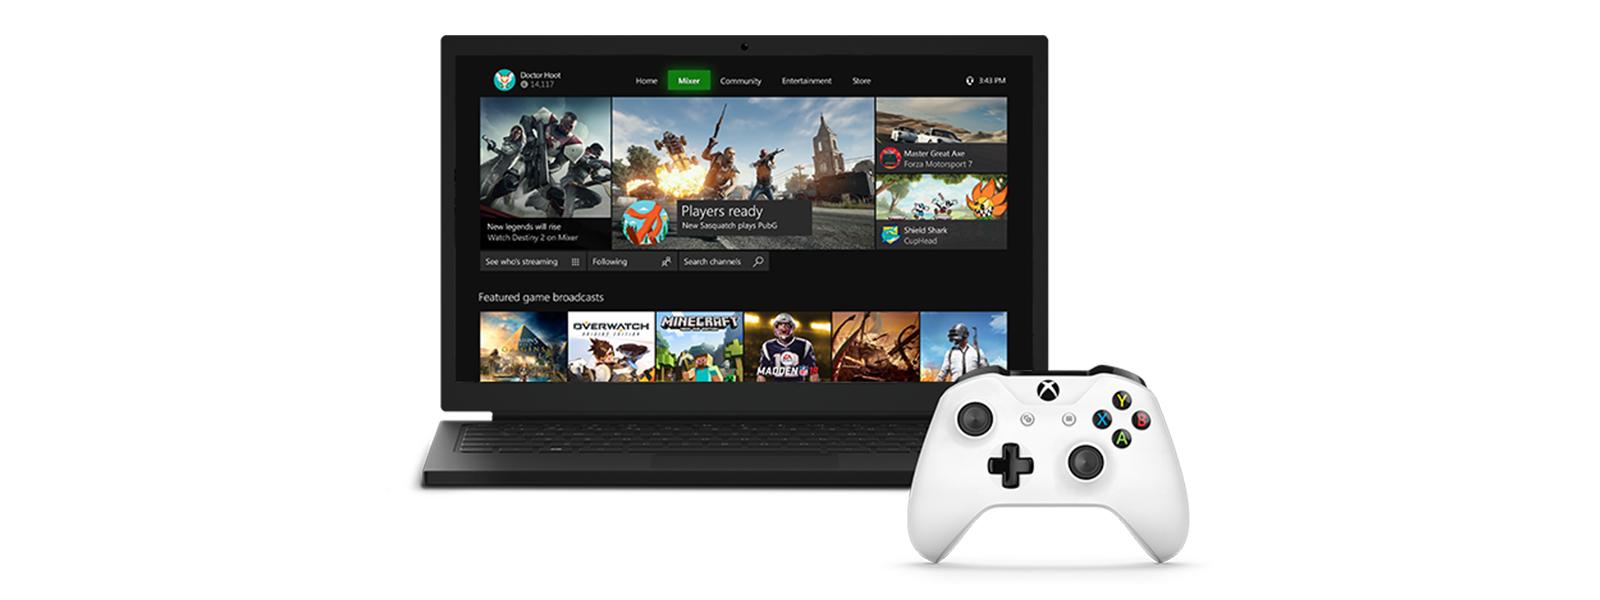 Windows 10'da oyun deneyimi için yeni Mixer arabirimi